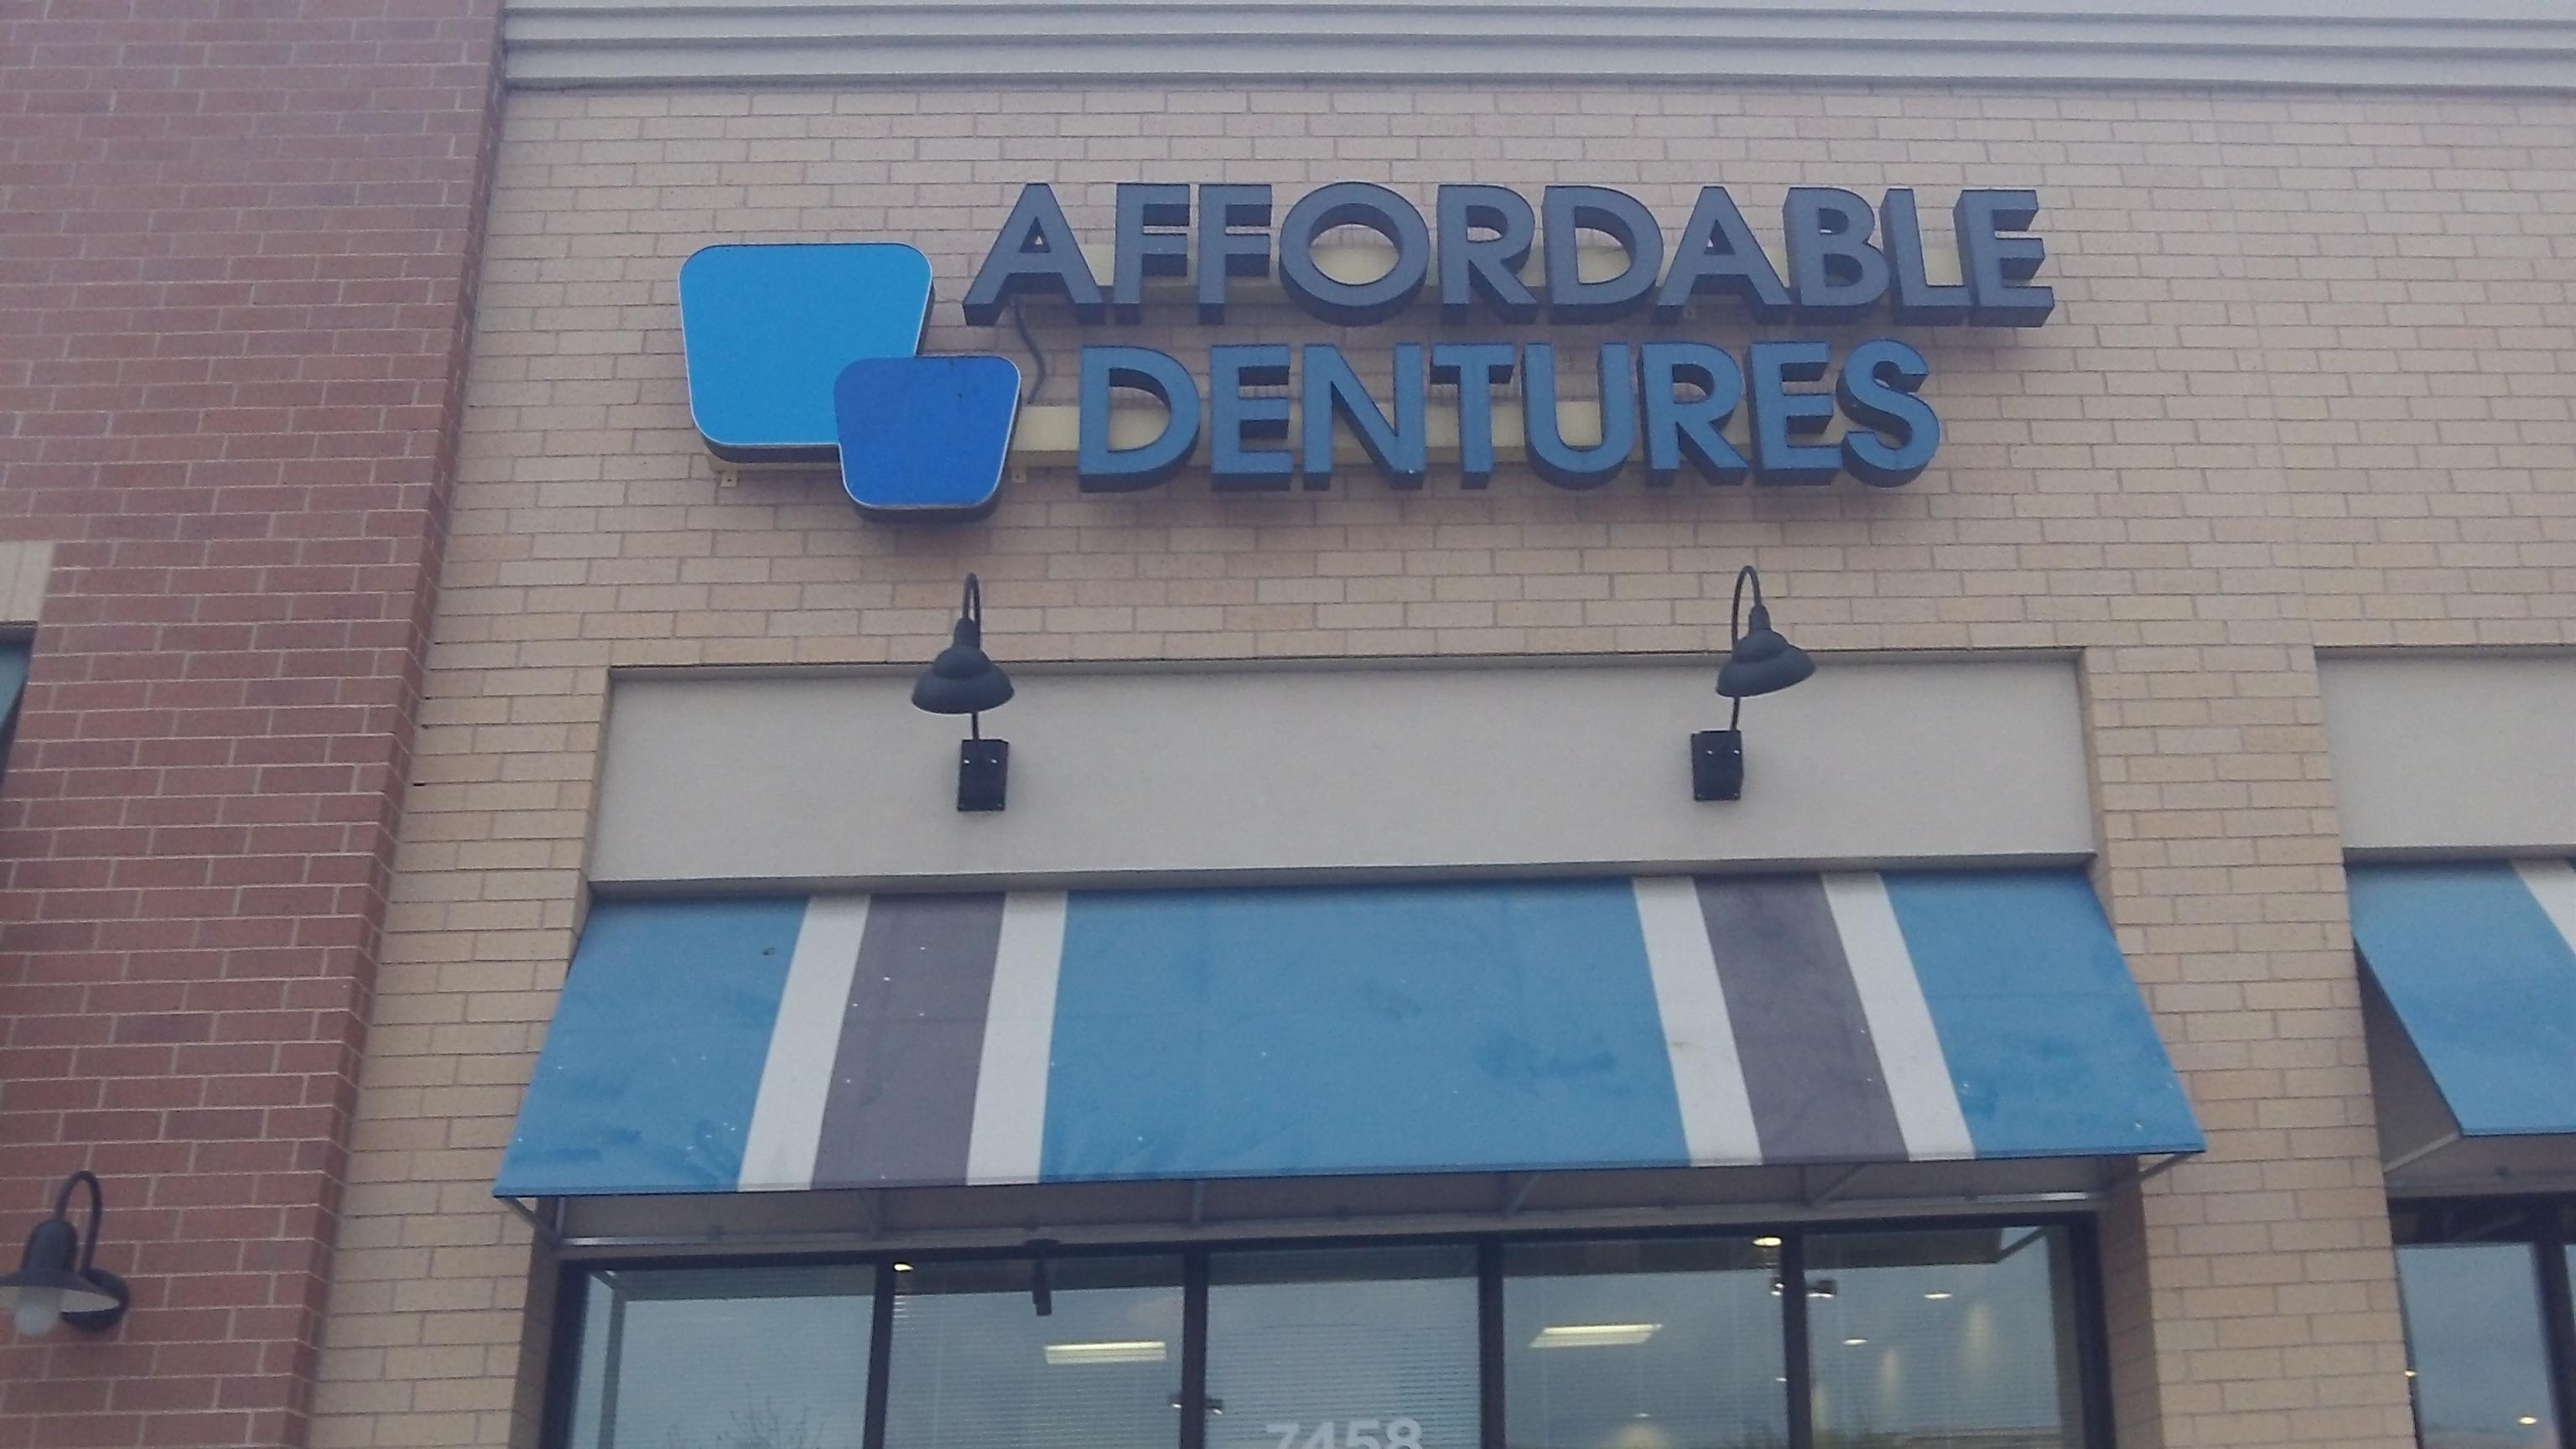 Affordable Dentures - Tulsa, OK 74132 - (918) 446-2700 | ShowMeLocal.com